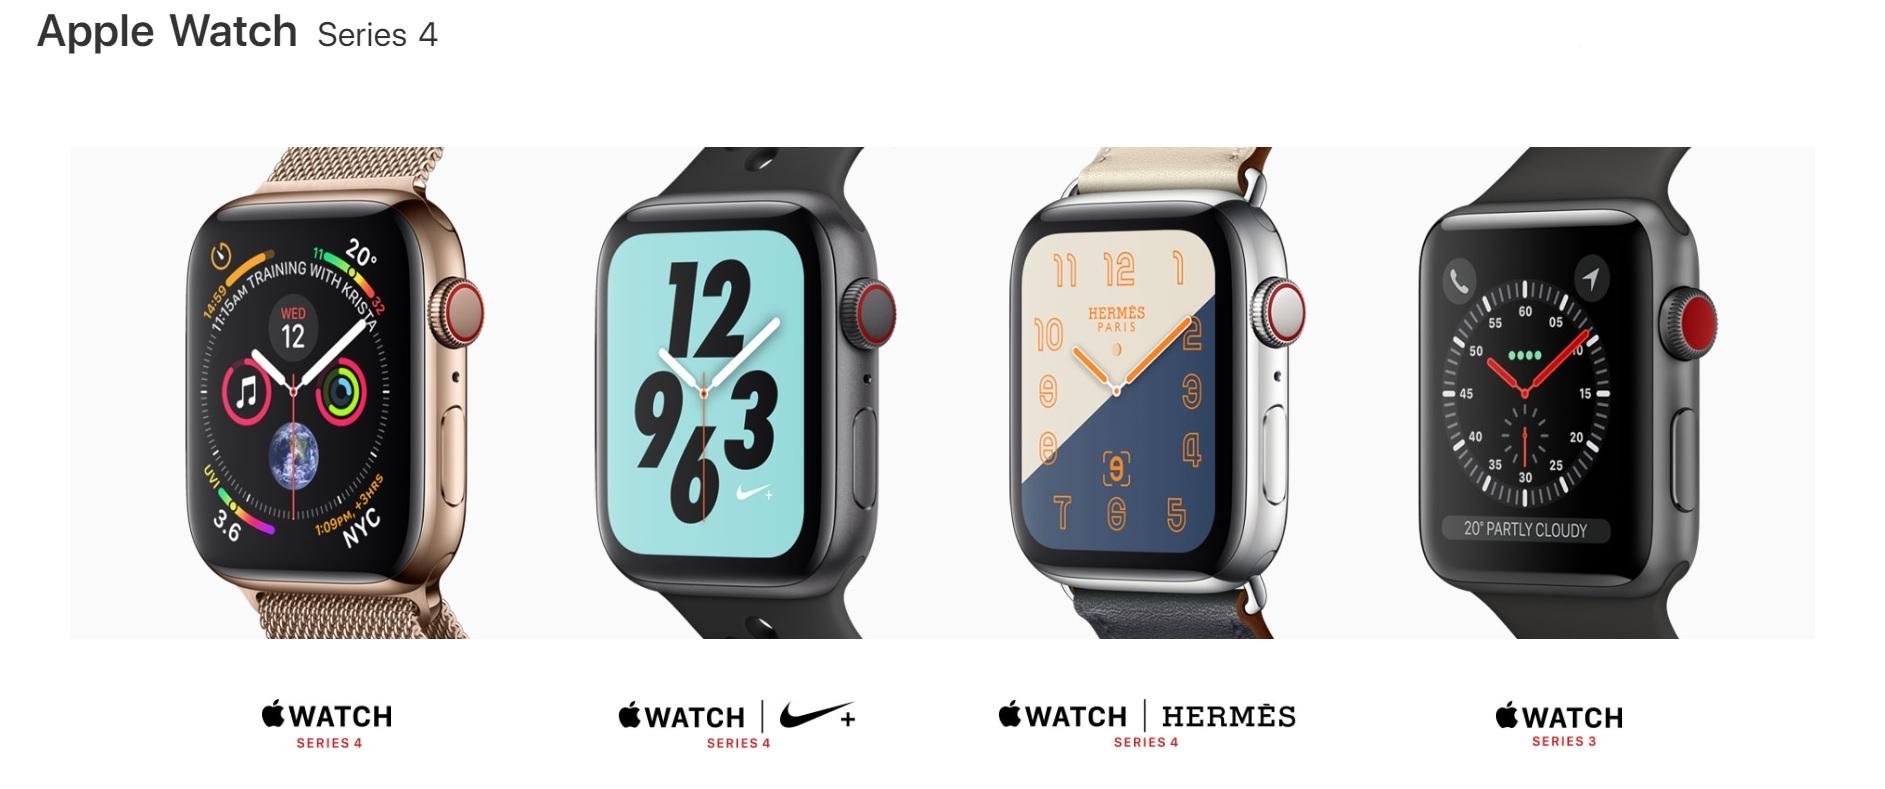 專業評析:Apple Watch 4超強進化 新設計挑戰勞力士